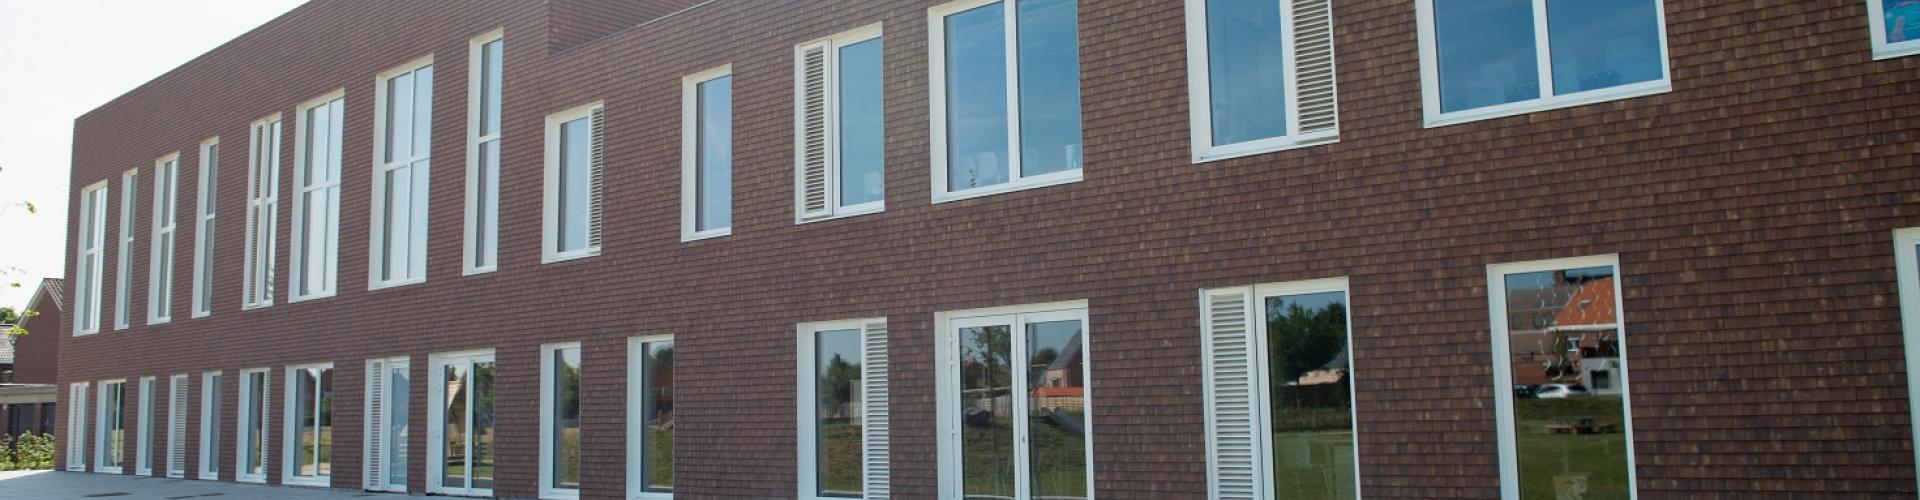 Stedelijke Basisschool De Beren Antwerpen